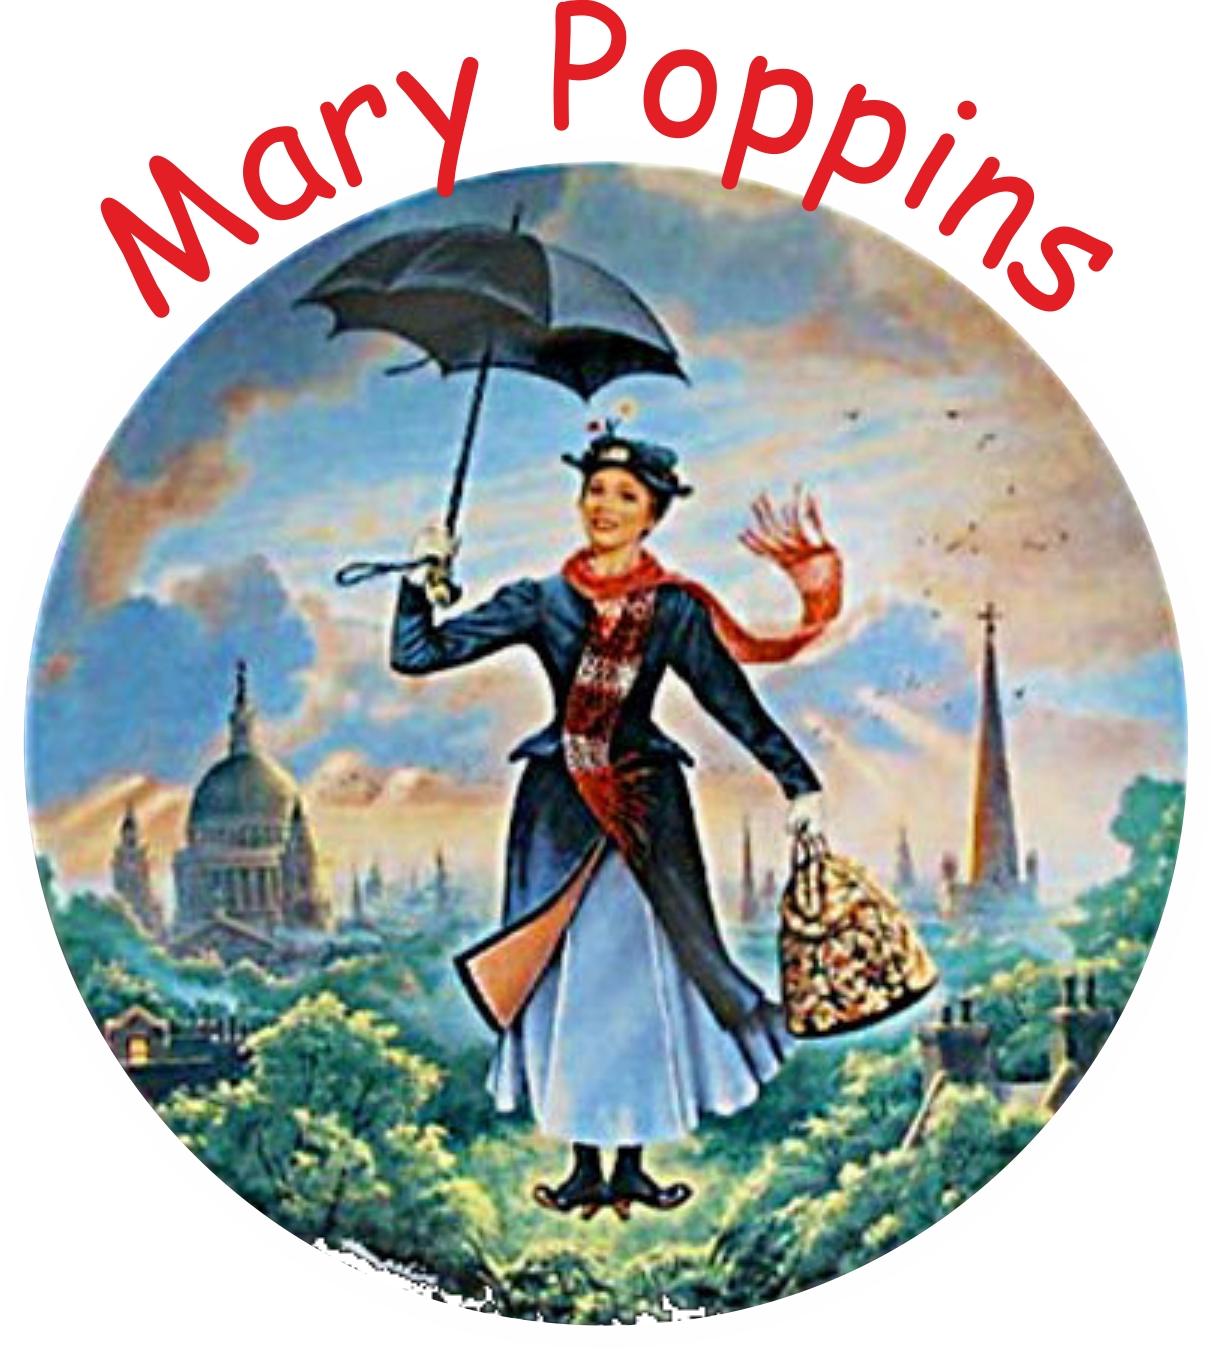 marypoppins2w761.jpg